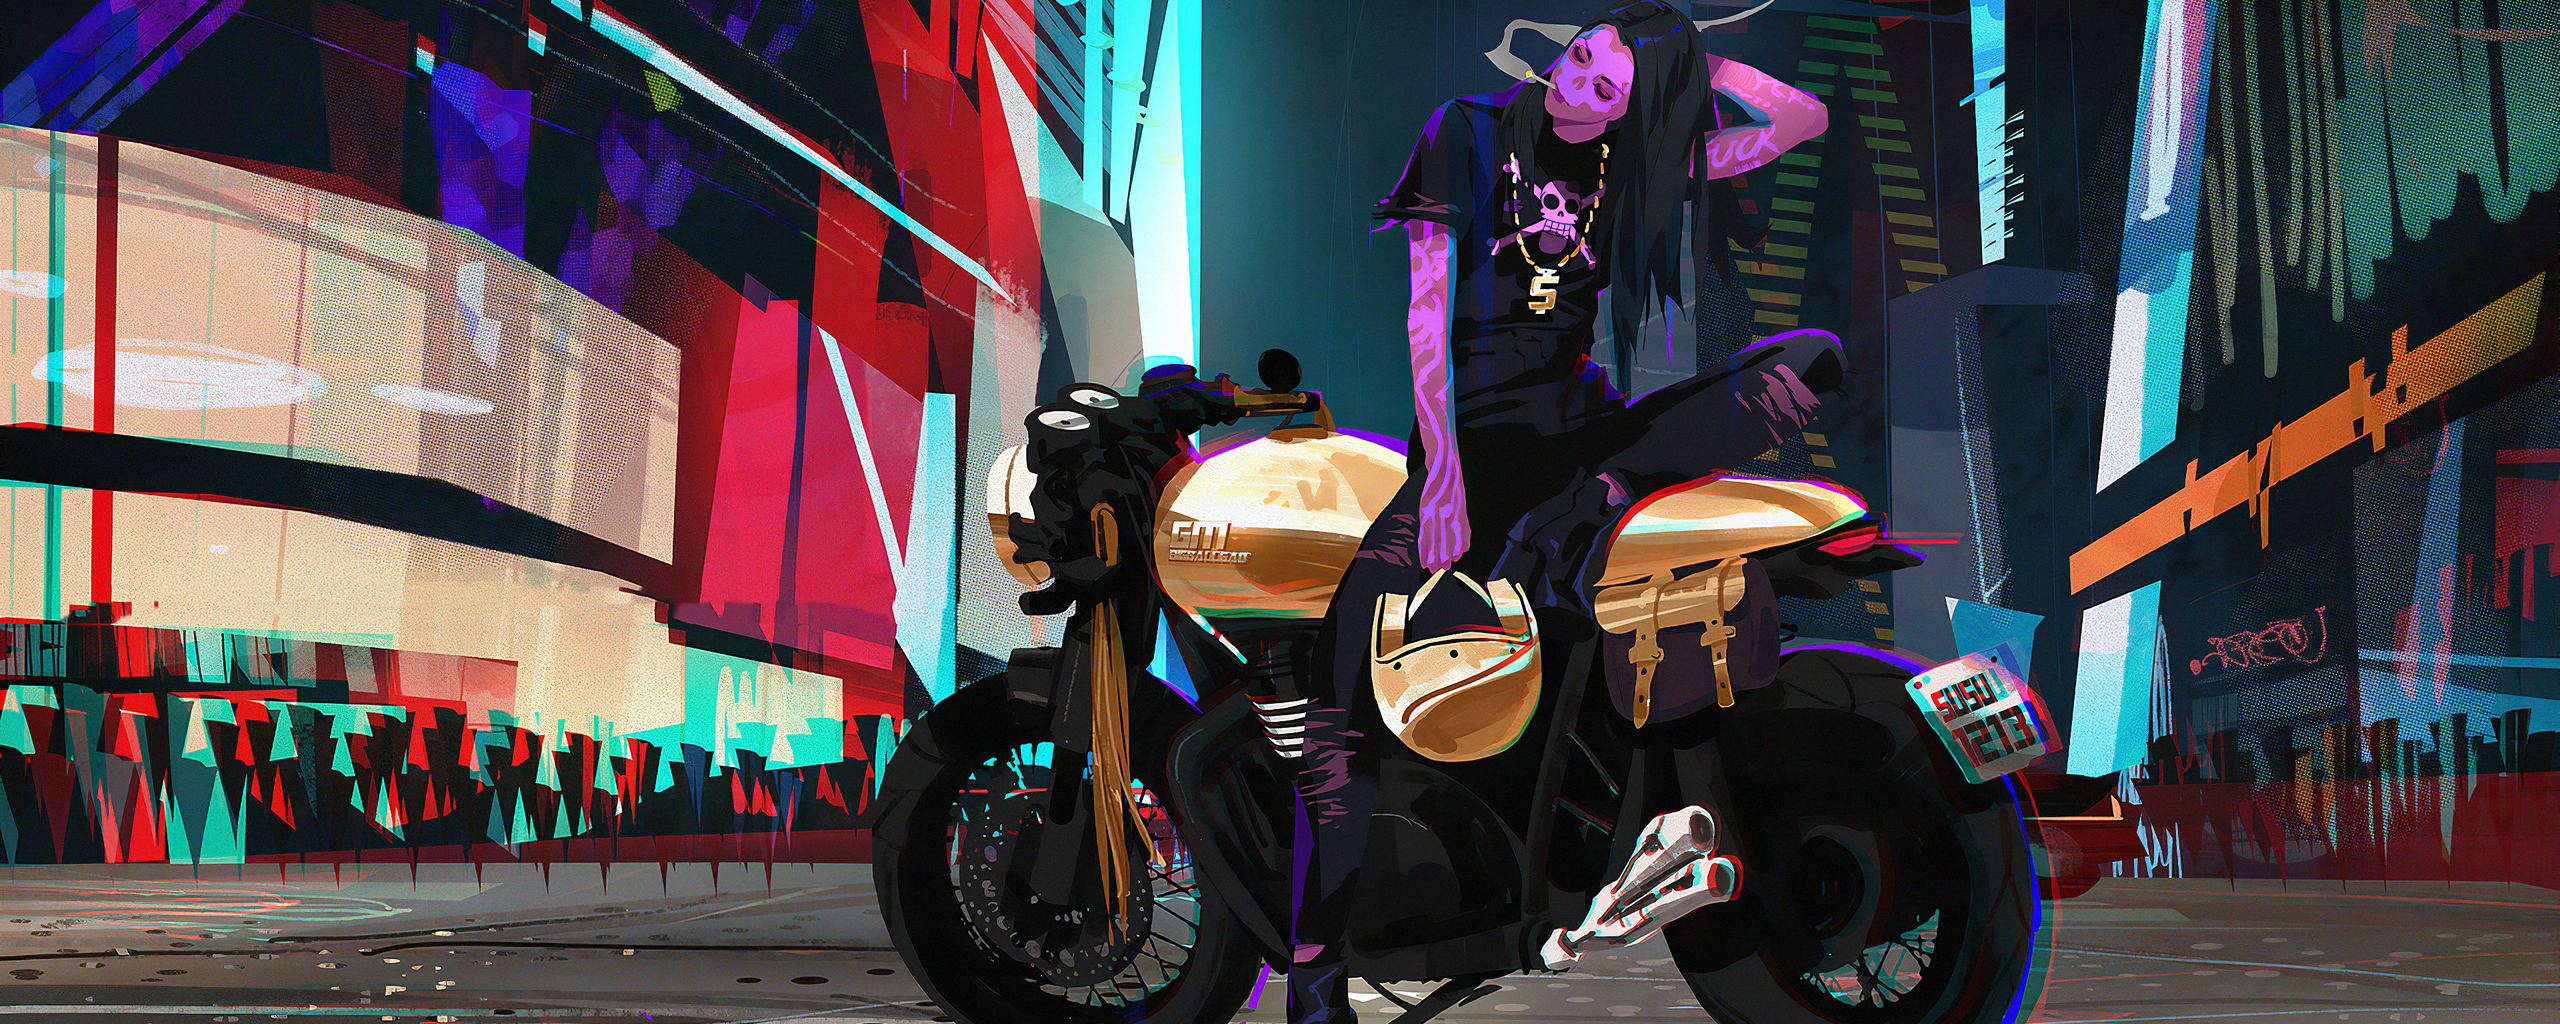 girl-on-bike-art4k-d9.jpg